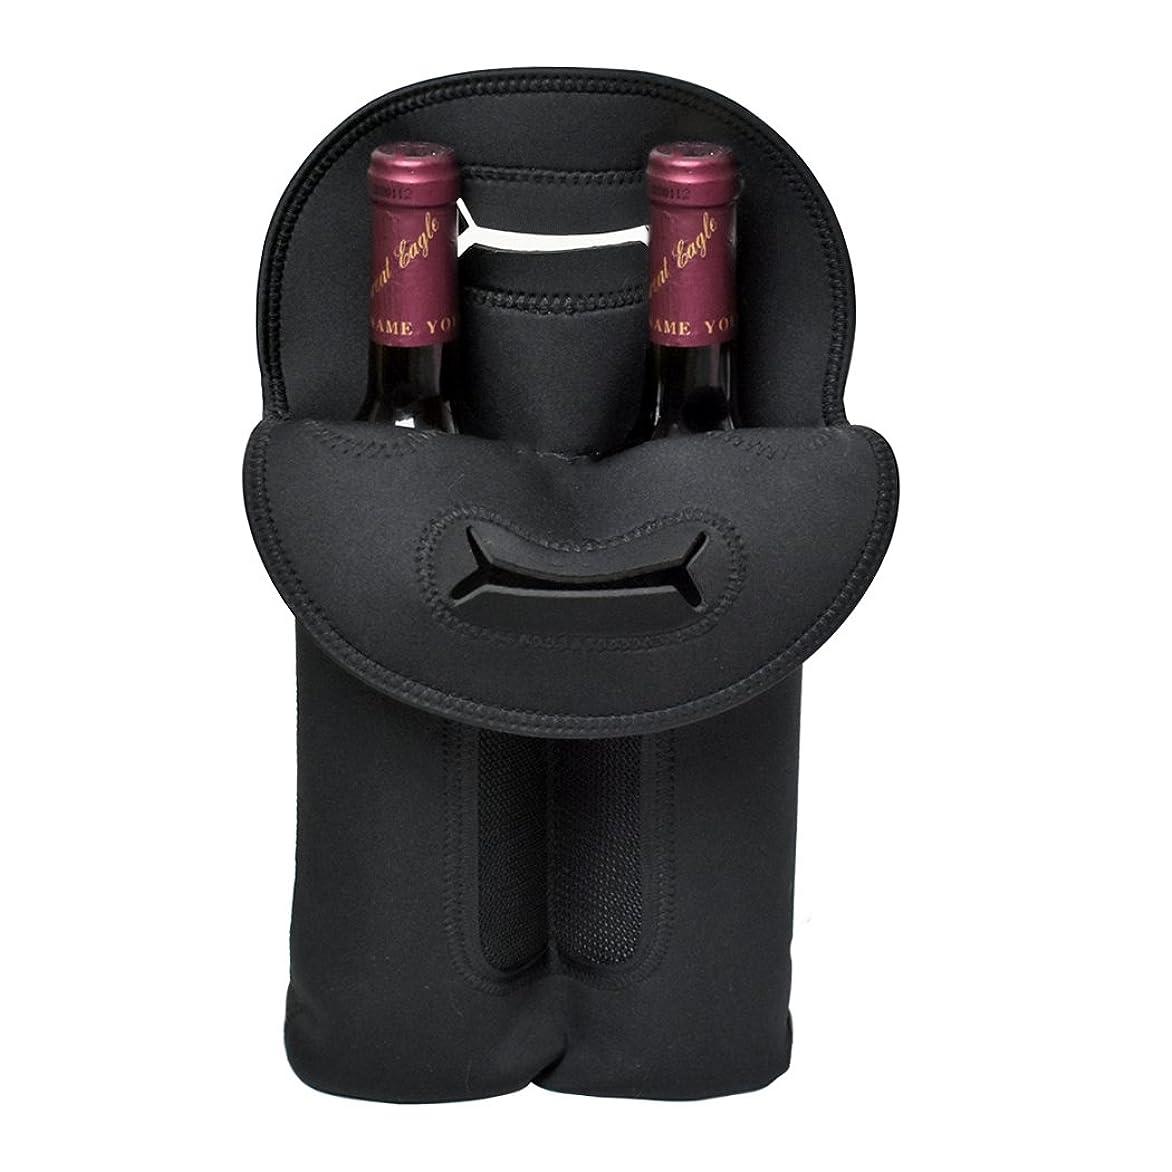 今アパート生き残りAnberotta アンティーク調 ワインバッグ 木製 シャンパン ボトルバッグ 収納 ケース 持ち運び 手提げ袋 選べるタイプ W50